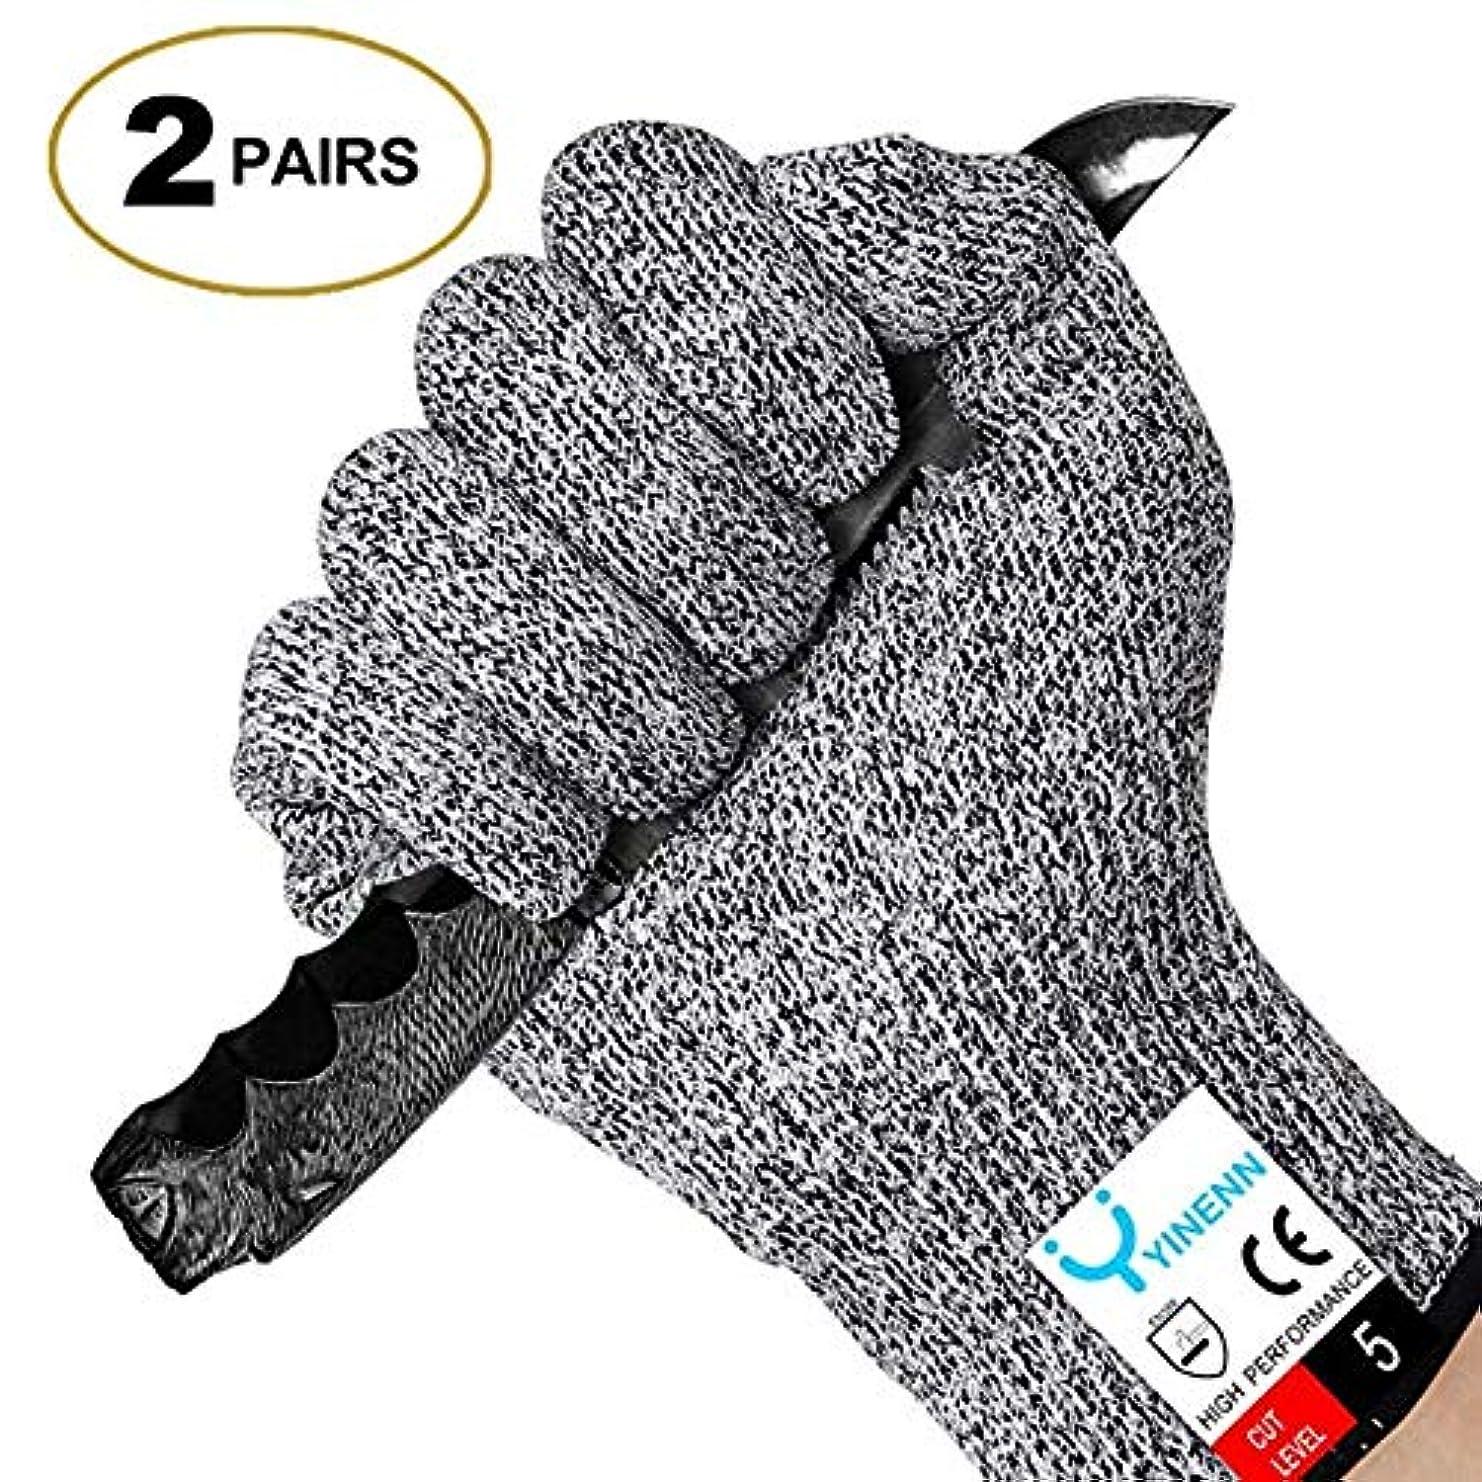 カウンタ変更可能ブラジャー2ペア(4つの手袋)カット性手袋食品グレードレベル5手の保護、オイスターShucking、魚フィレ加工用キッチンカット手袋,L